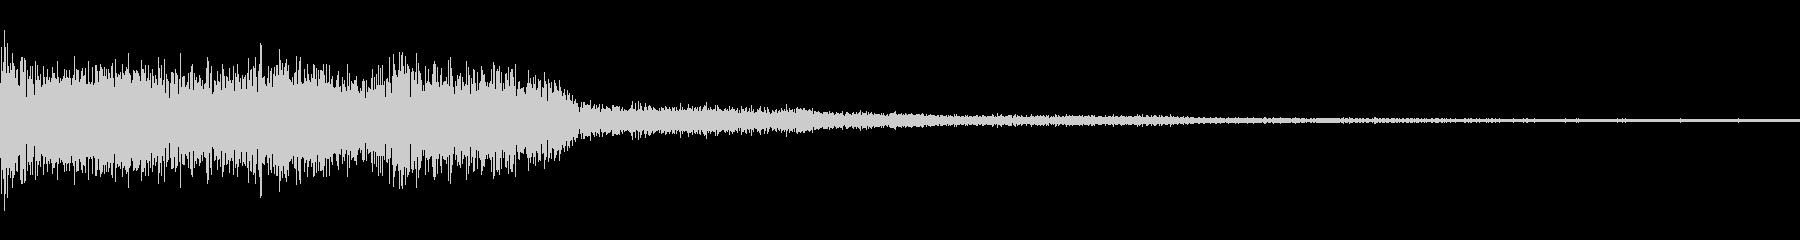 重低音で迫力あるメロディーの未再生の波形